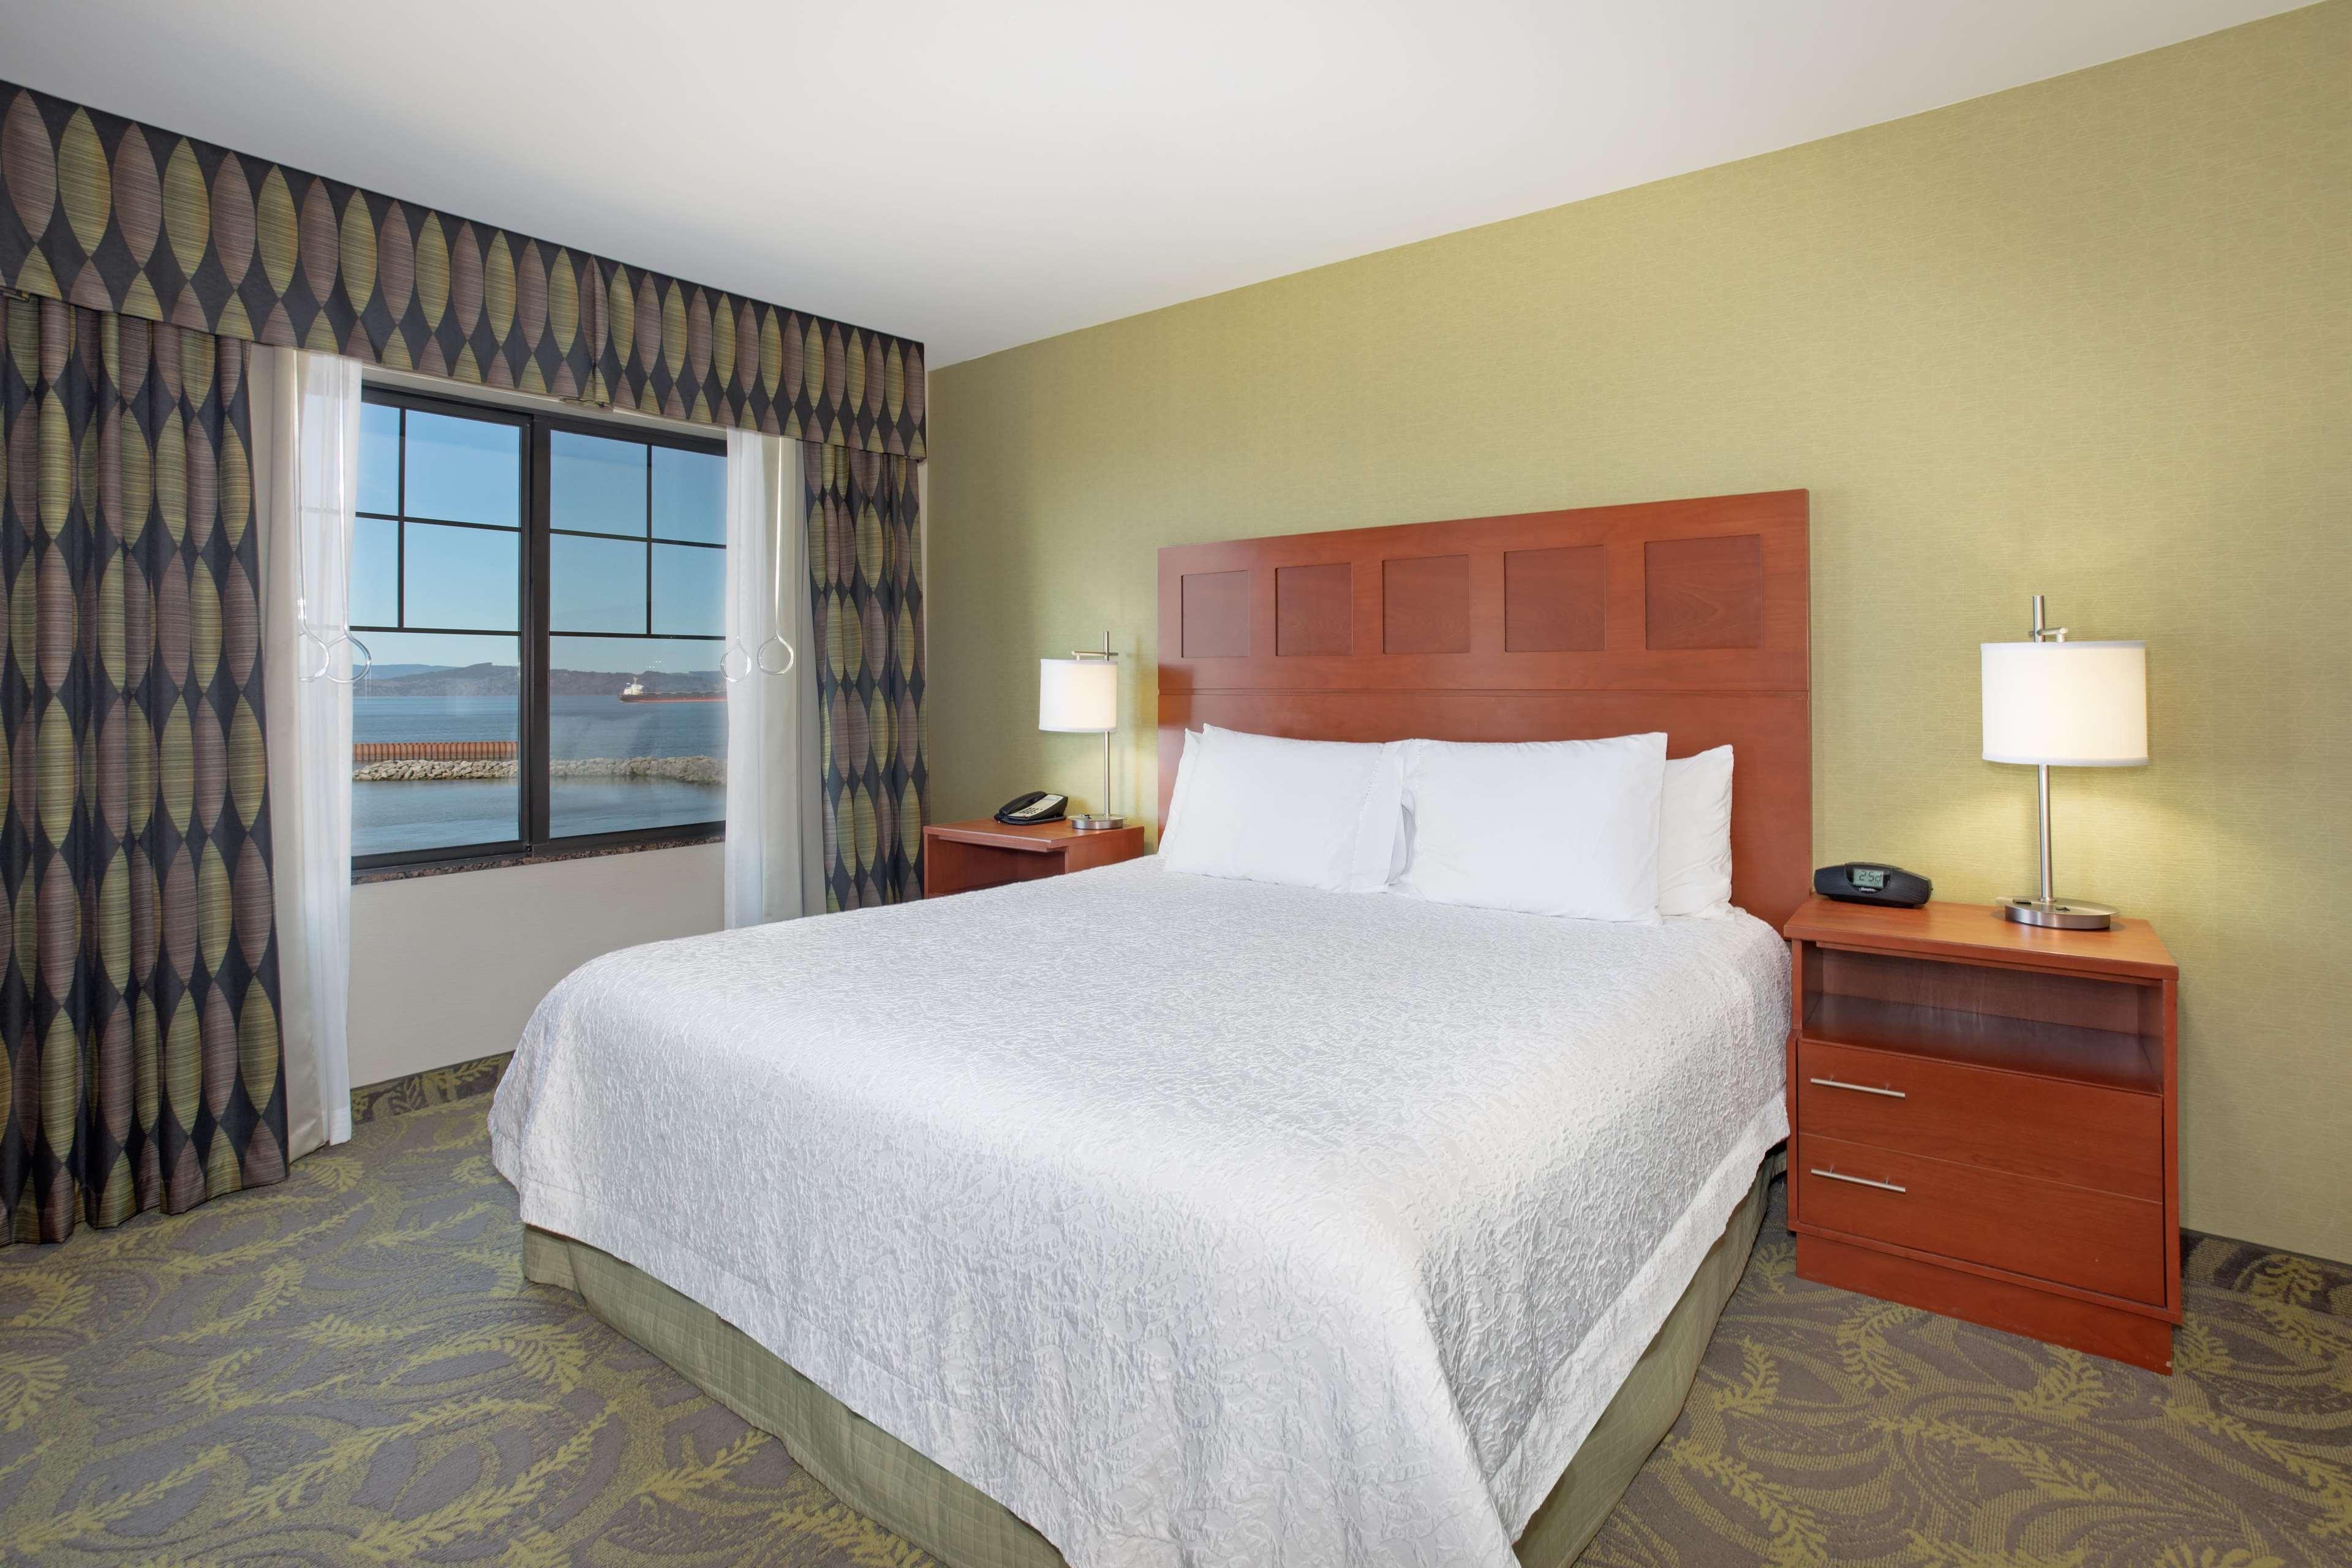 Hampton Inn & Suites Astoria image 63